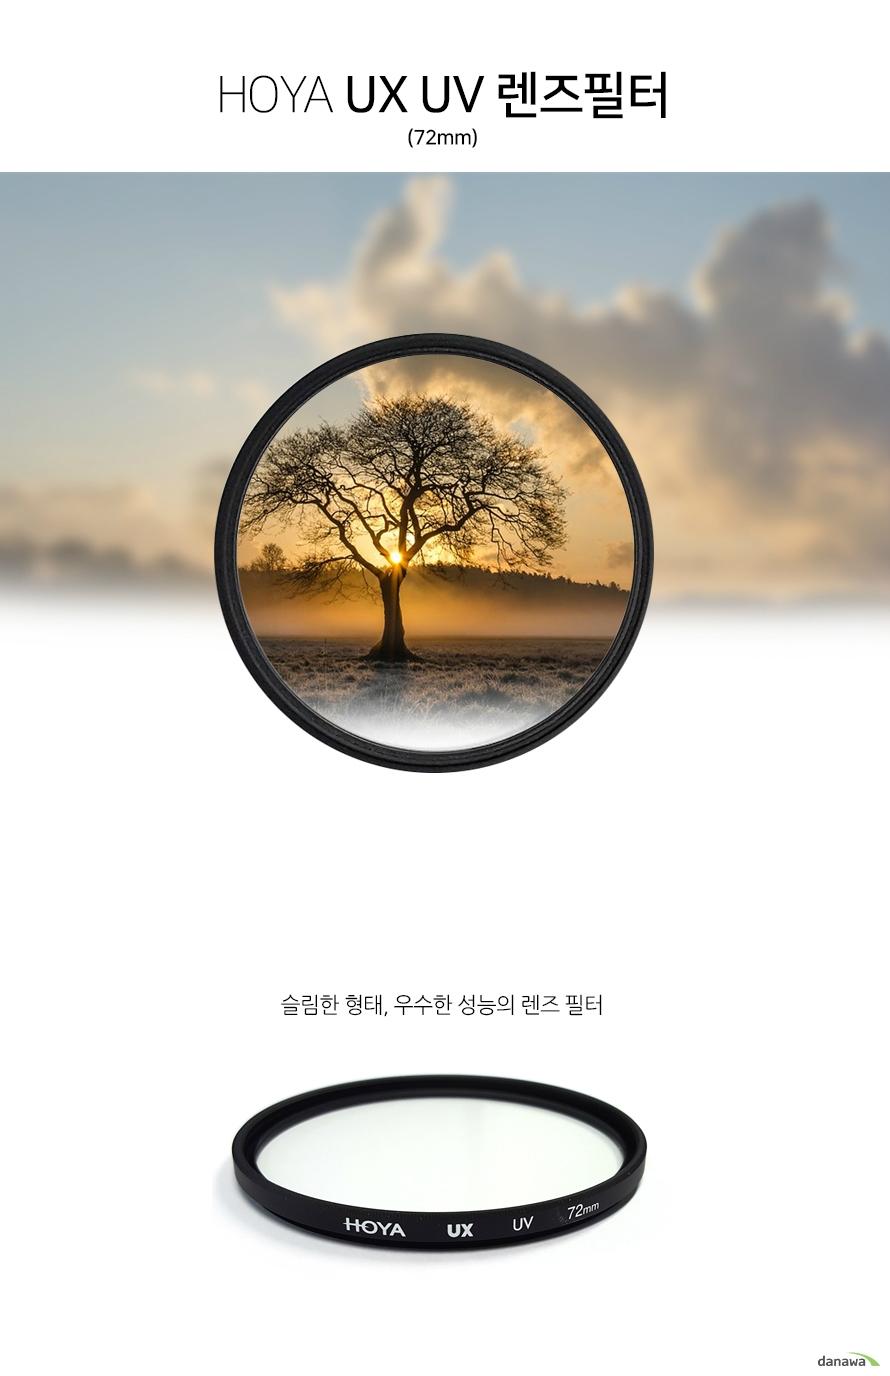 HOYA UX UV 렌즈필터 72mm 슬림한 형태, 우수한 성능의 렌즈 필터 스펙 제조회사 호야 제품분류 렌즈필터(MCUV필터) 렌즈구경 72mm 특징 슬림형, 멀티코팅, 자외선차단, 반사방지, 발수 투과율 98% 제조국 필리핀